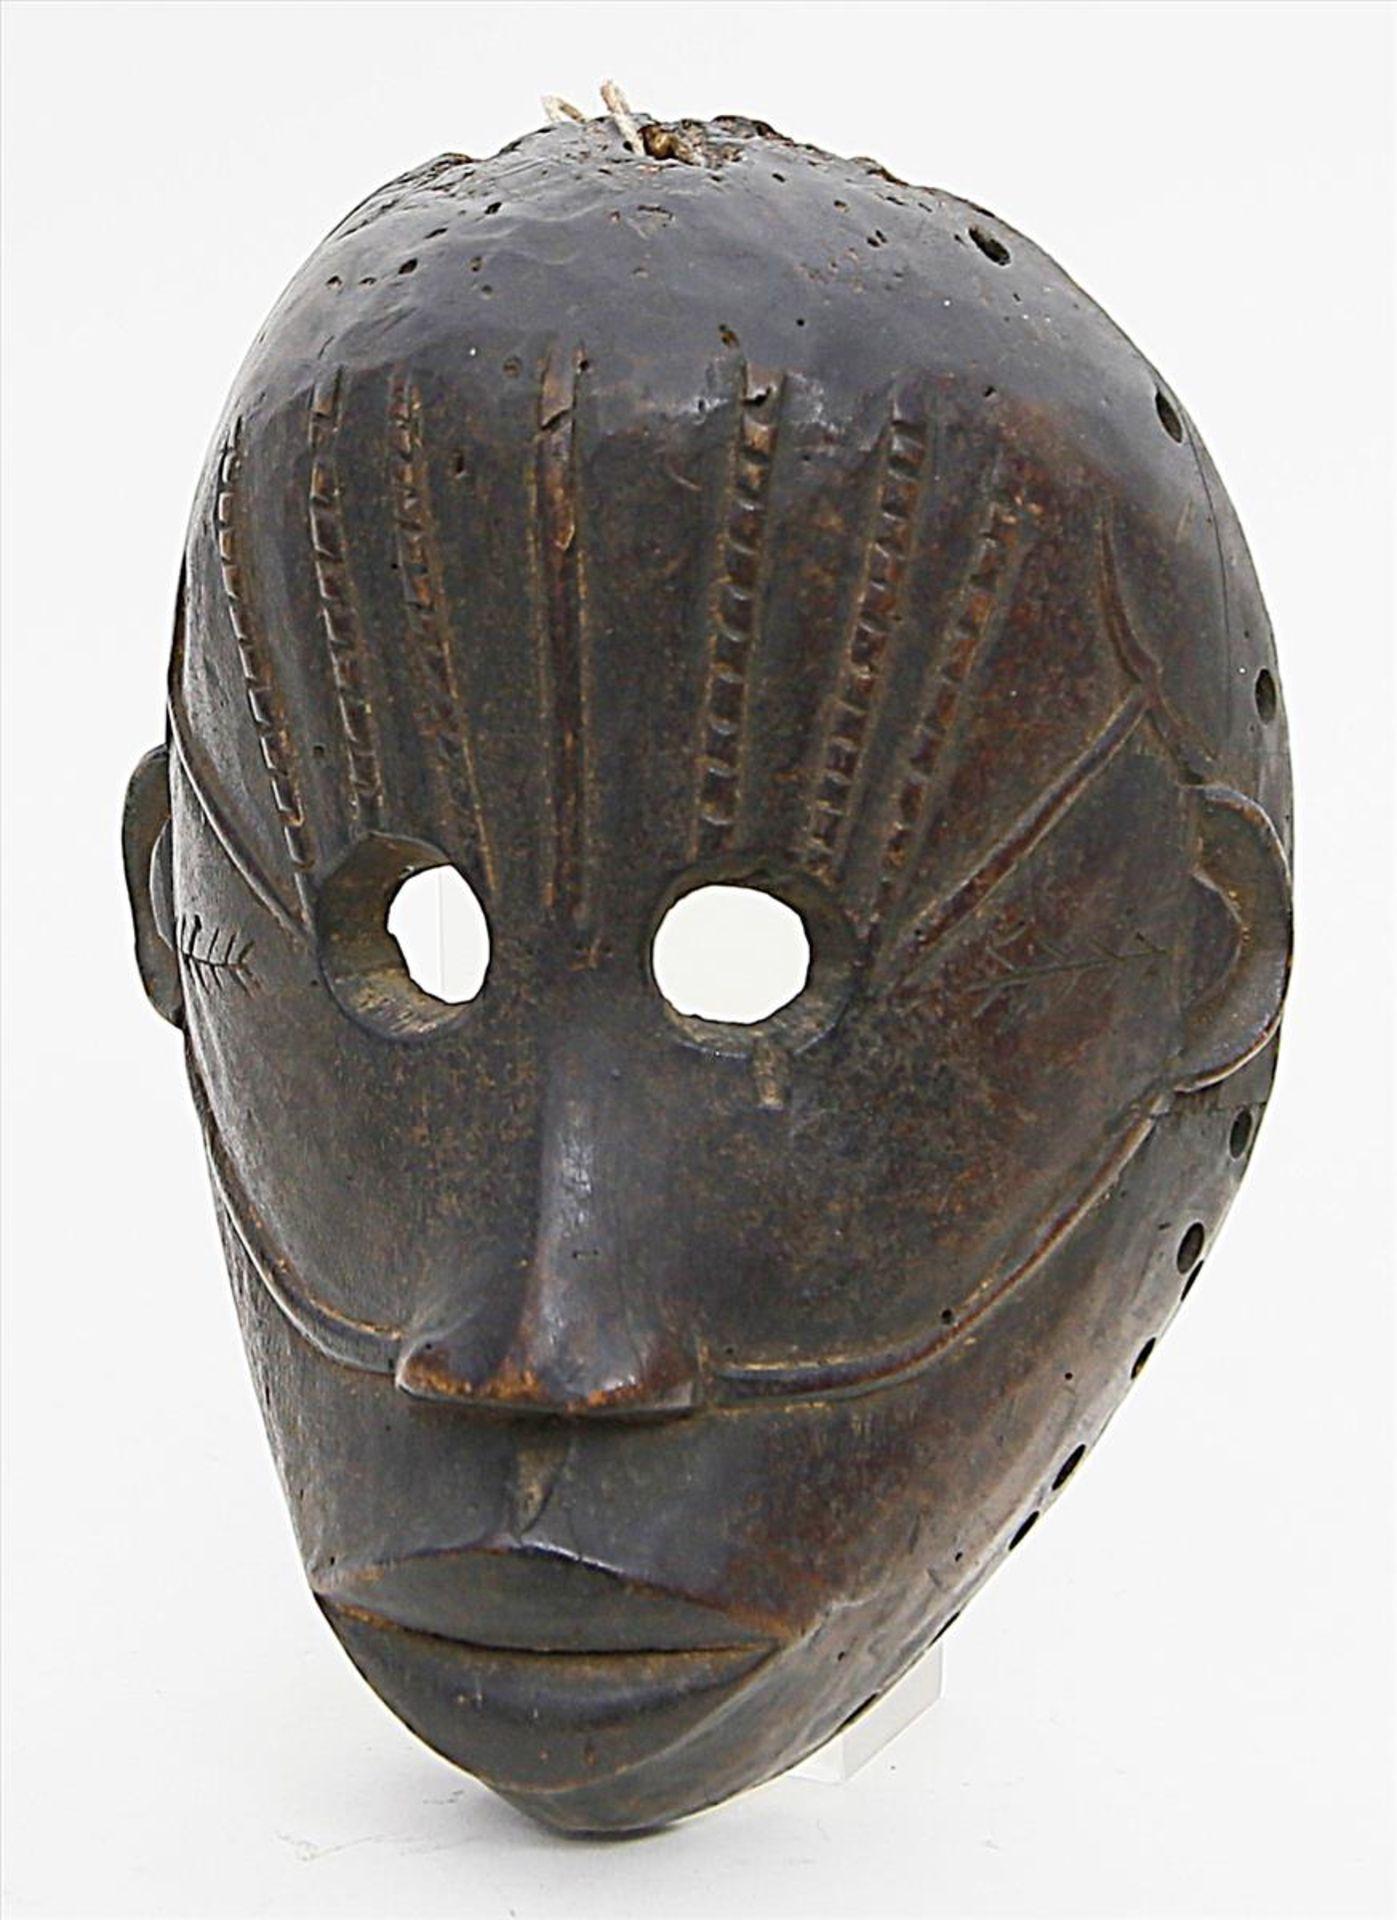 Los 1567 - Afrikanische Maske.Holz, geschnitzt. Altersspuren. Kongo. H. 23 cm.